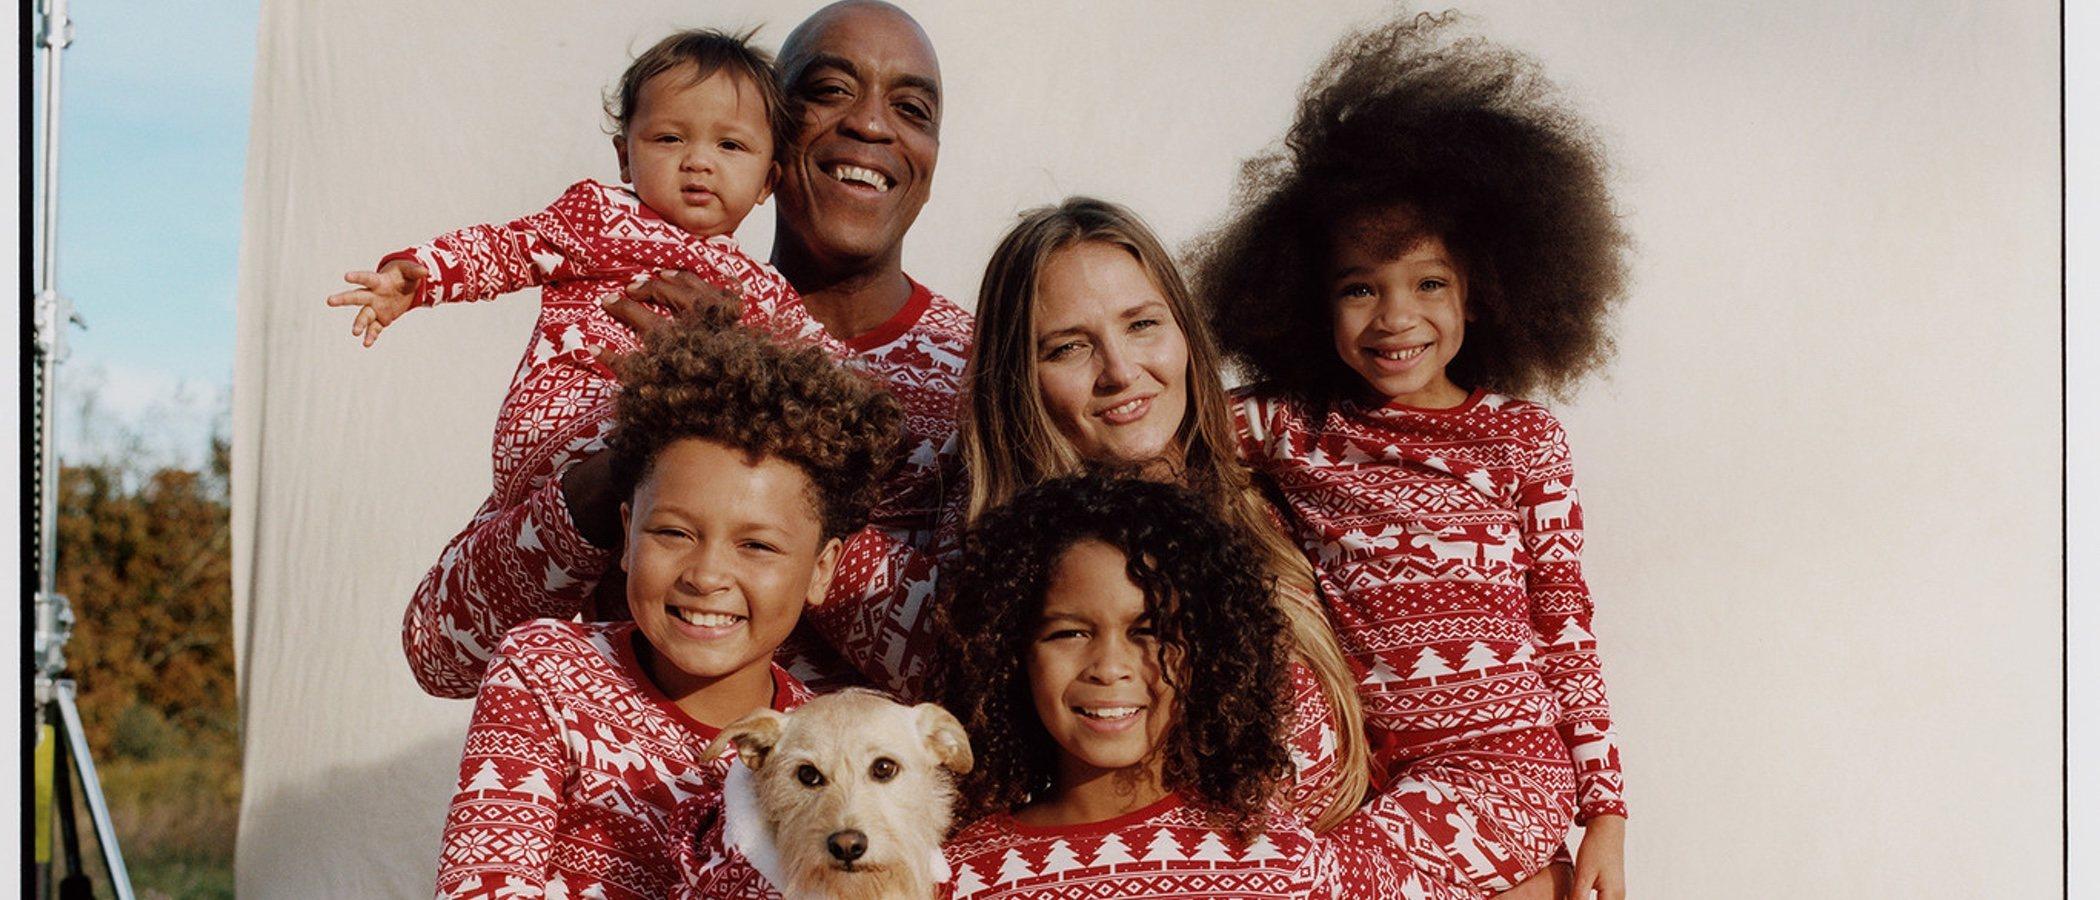 La nueva colección navideña de Primark trae pijamas a juego para toda la familia